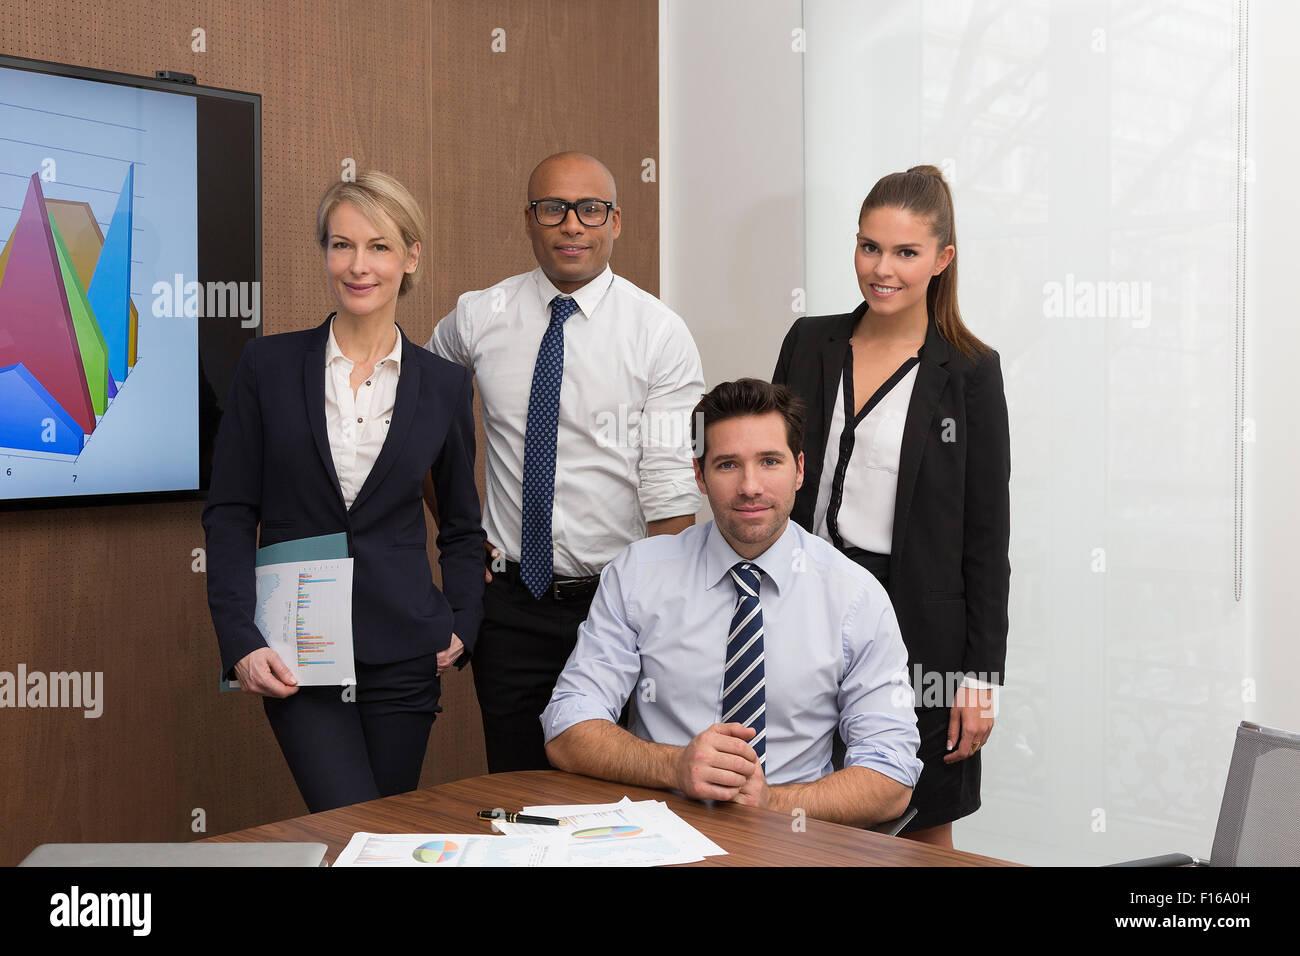 Porträt einer Unternehmensgruppe Menschen Stockbild